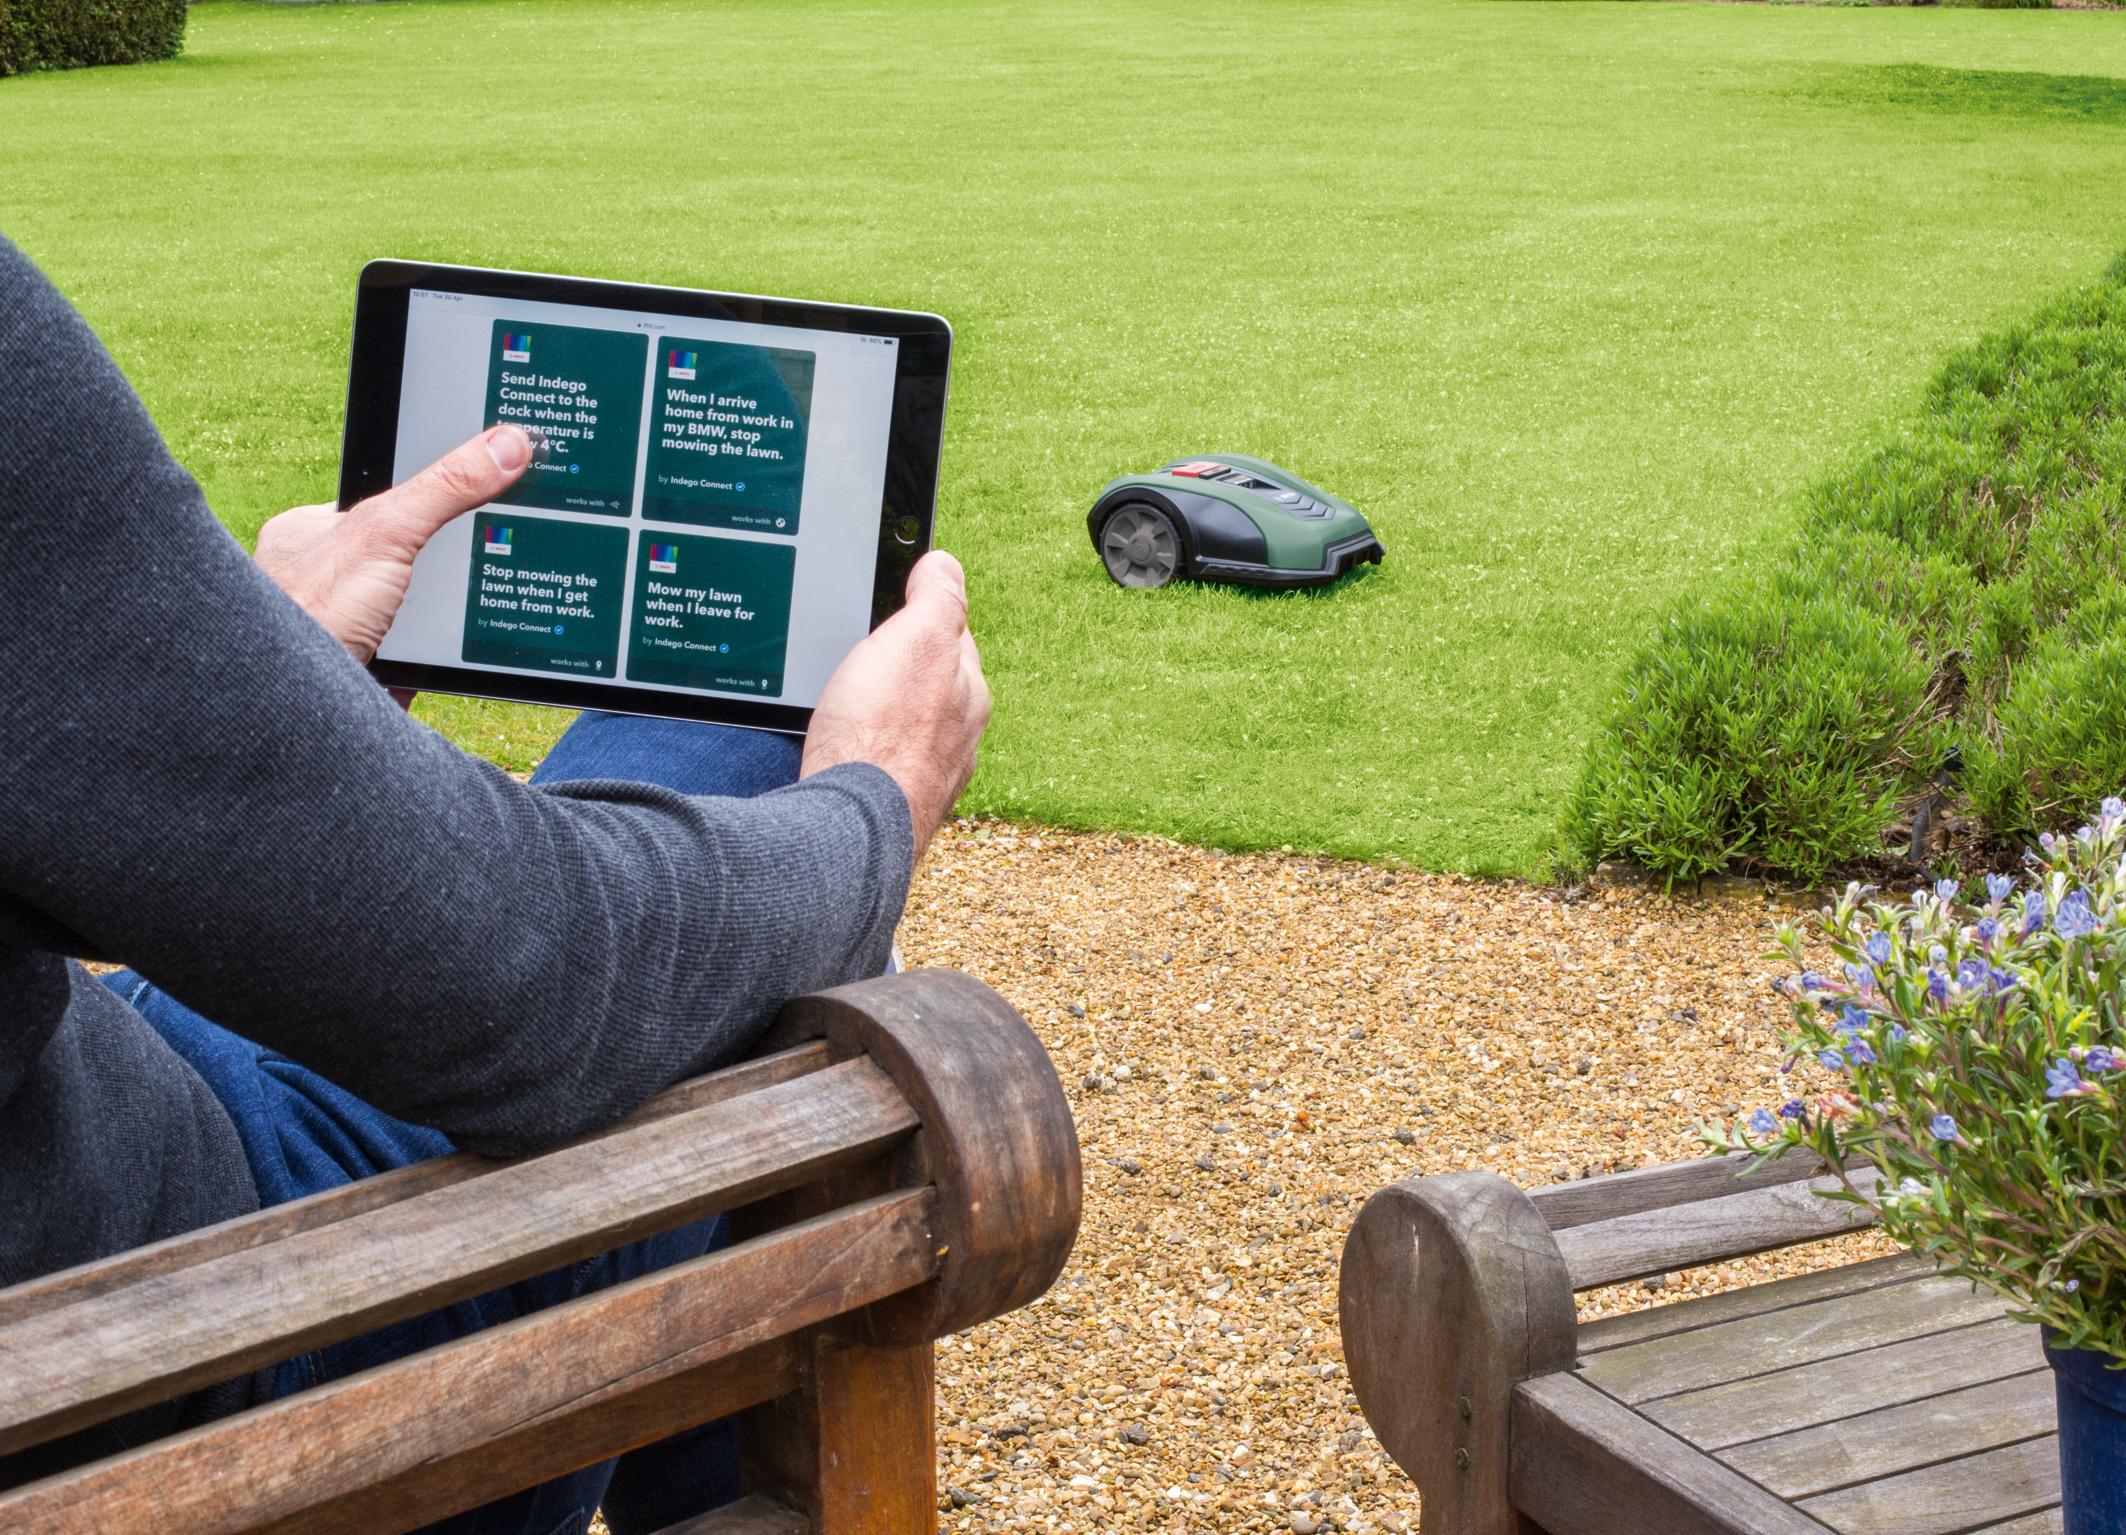 Ešte väčšia flexibilita pomocou hlasového asistenta Amazon Alexa a prepojenej platformy IFTTT: Robotické kosačky Bosch Indego M 700 a Indego M+ 700